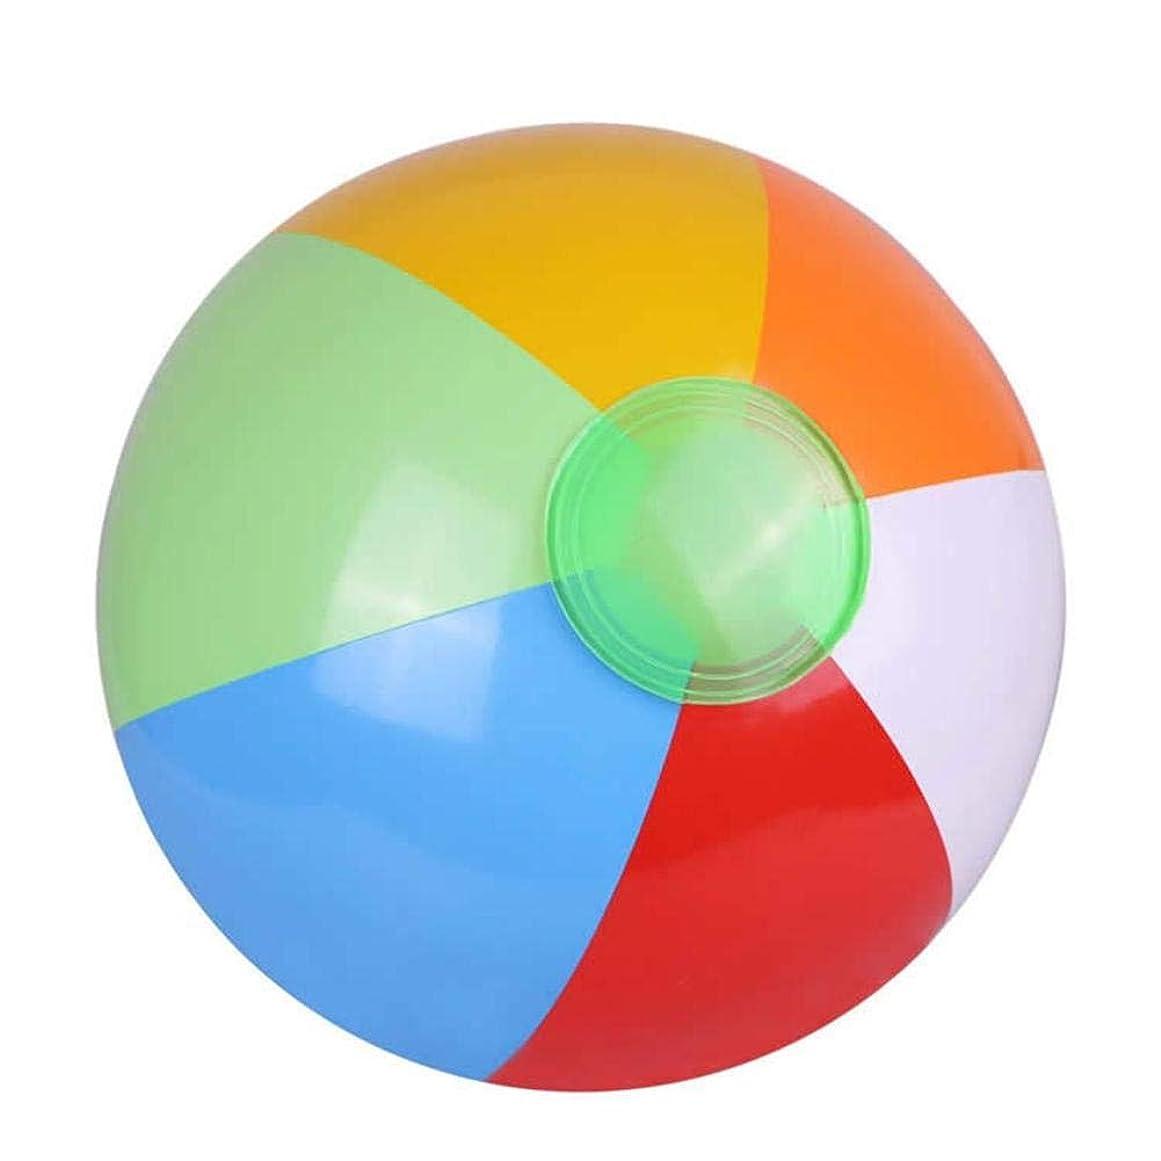 過度にスペード労苦環境に優しいポリ塩化ビニールの膨脹可能な6部分色の球さまざまなおもちゃのビーチボールランダム色SNOWVIRTUOS